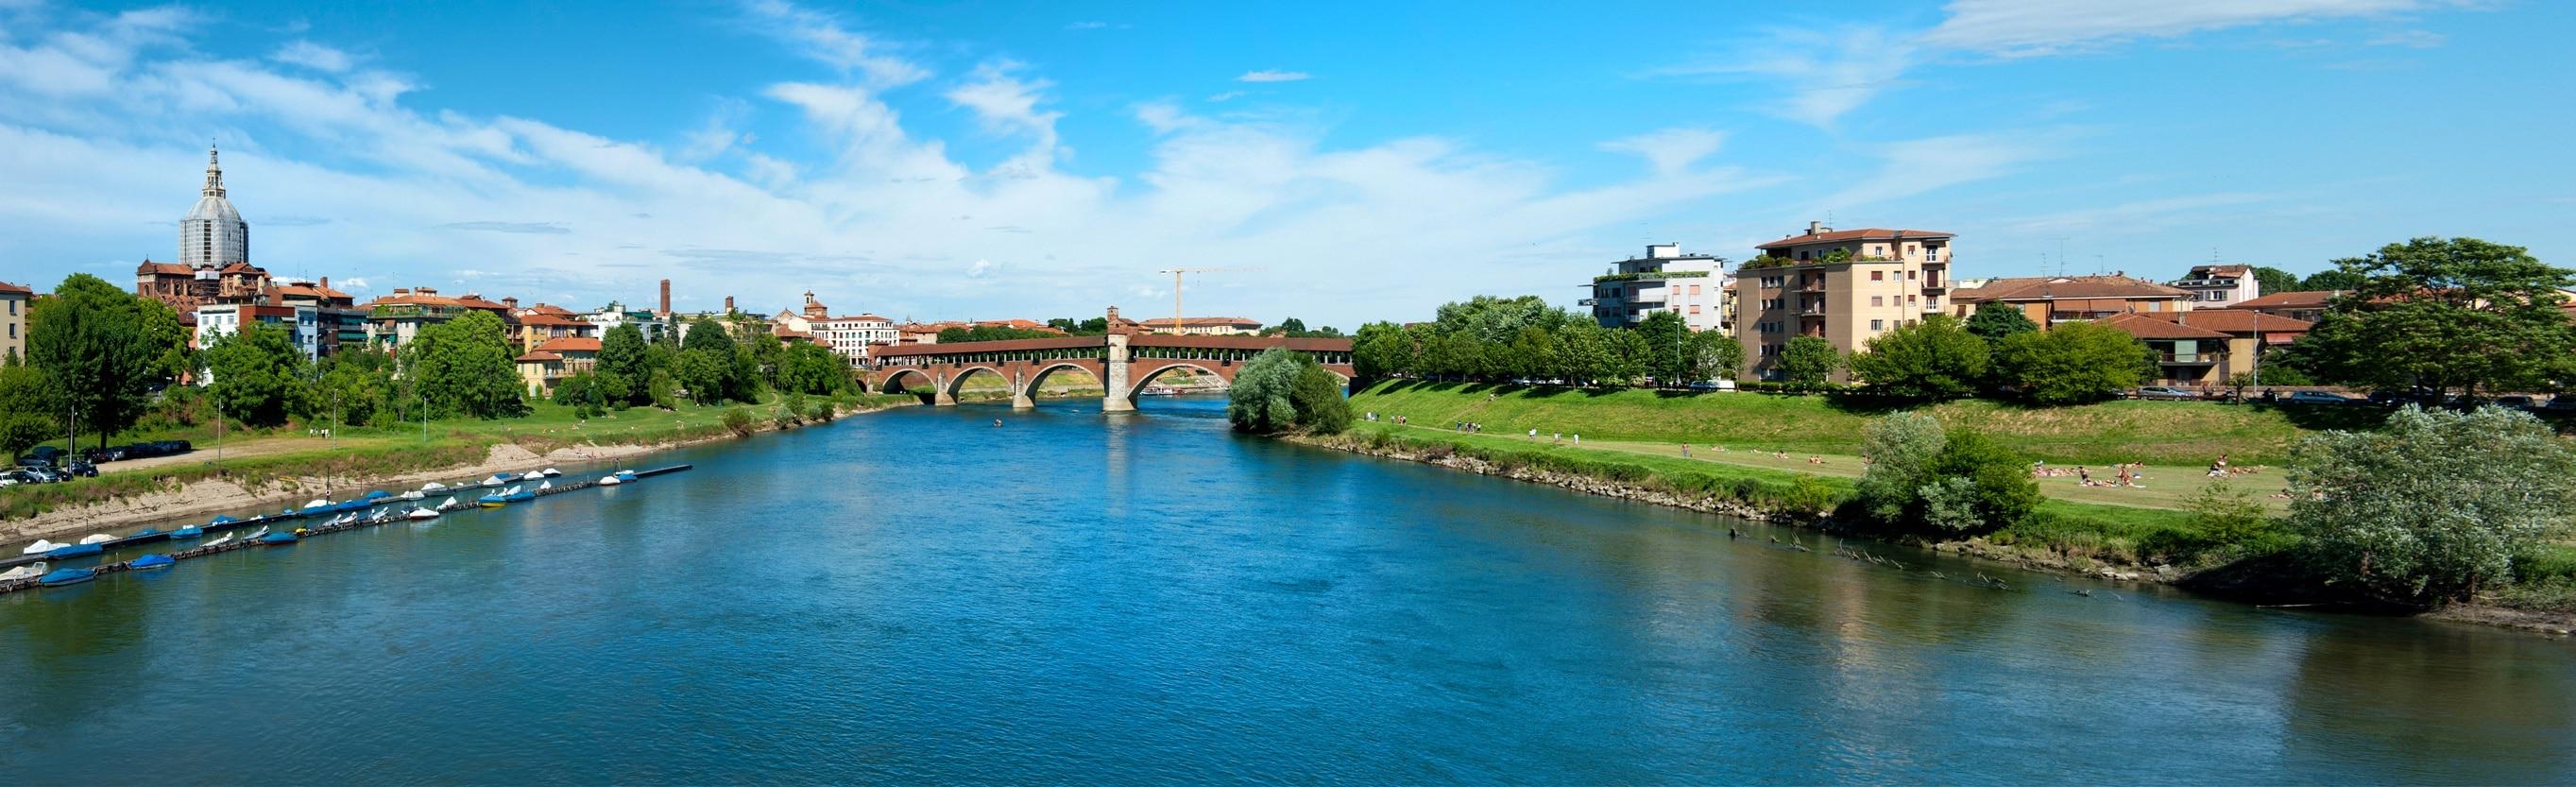 Pavia, Lombardei, Italien